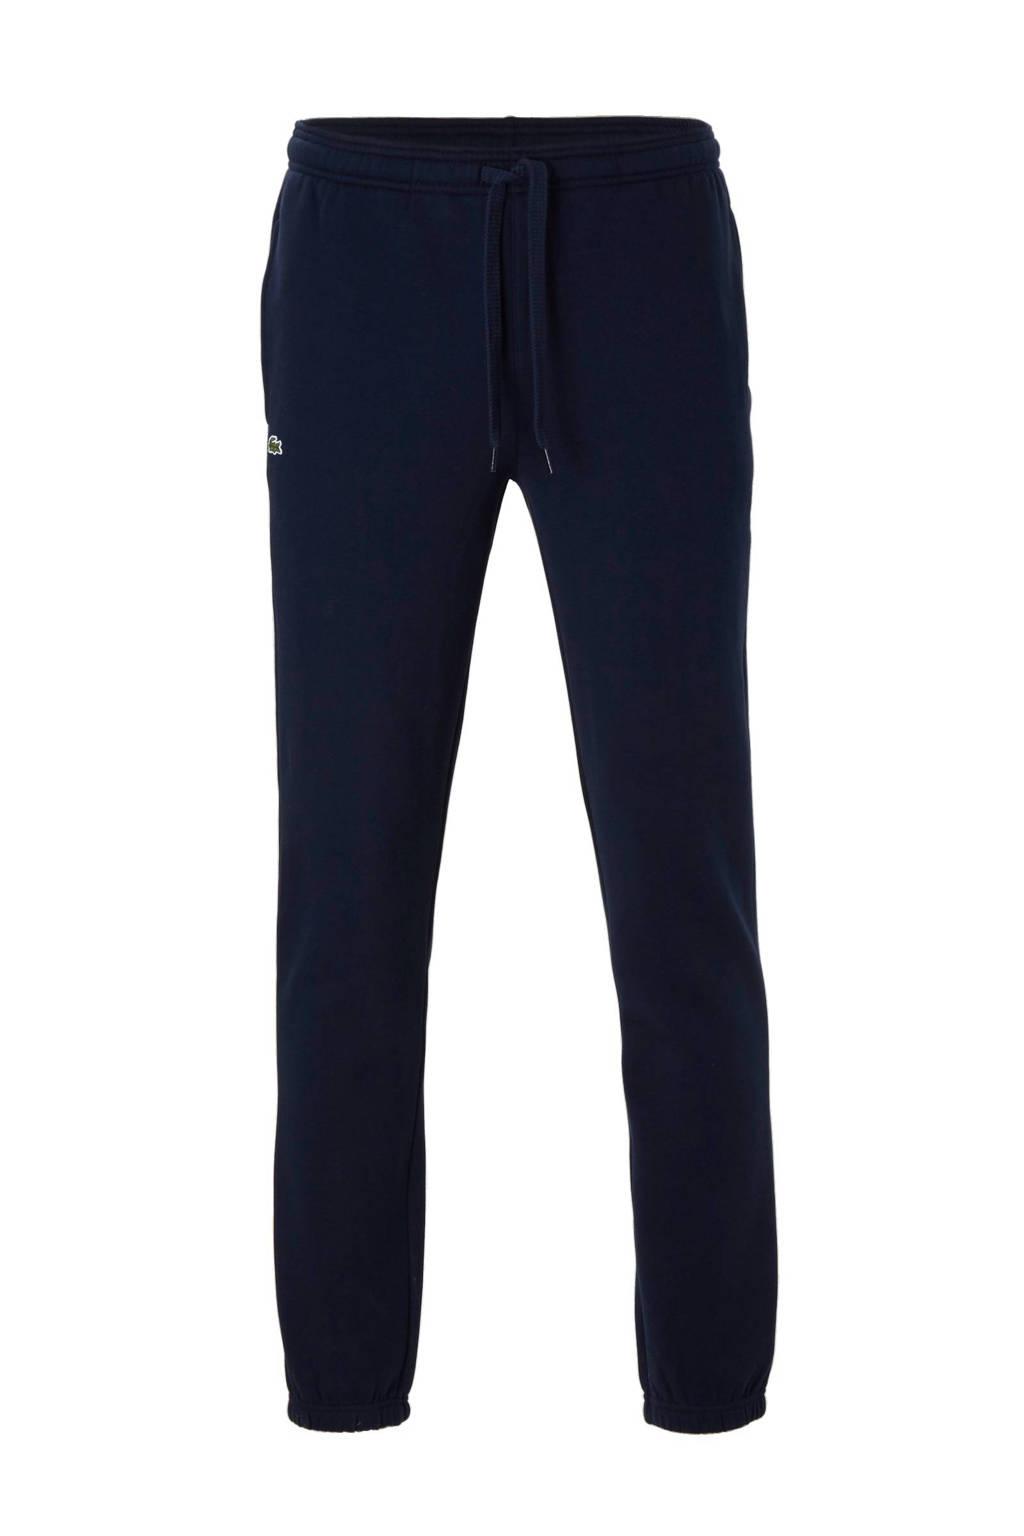 Lacoste joggingbroek, Marine blauw